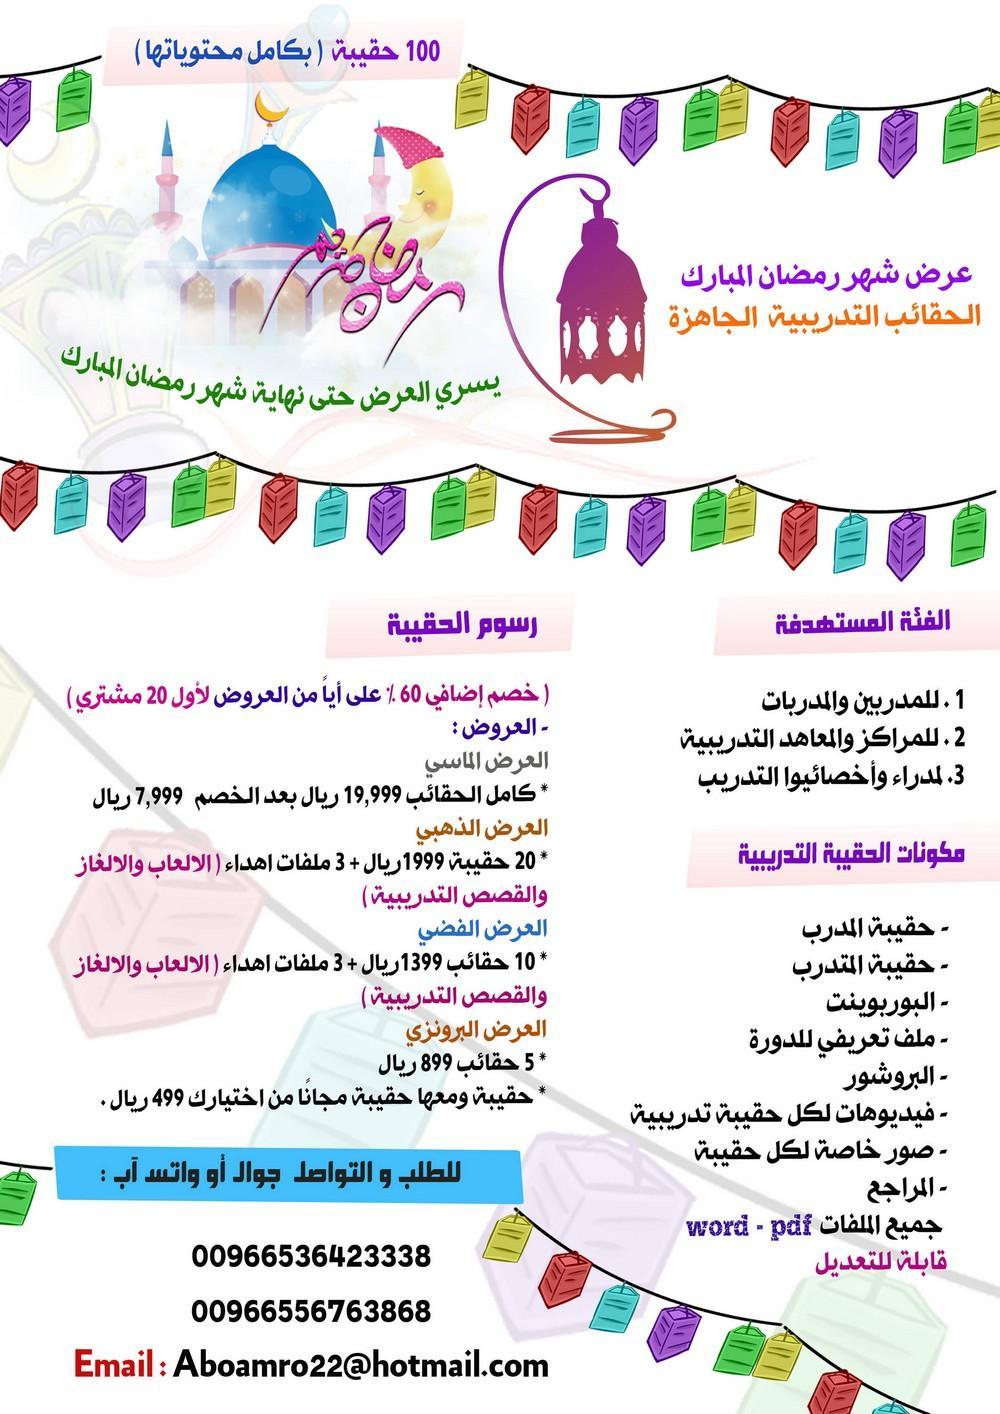 عرض شهر رمضان المبارك - الحقائب التدريبية الجاهزة 791852414